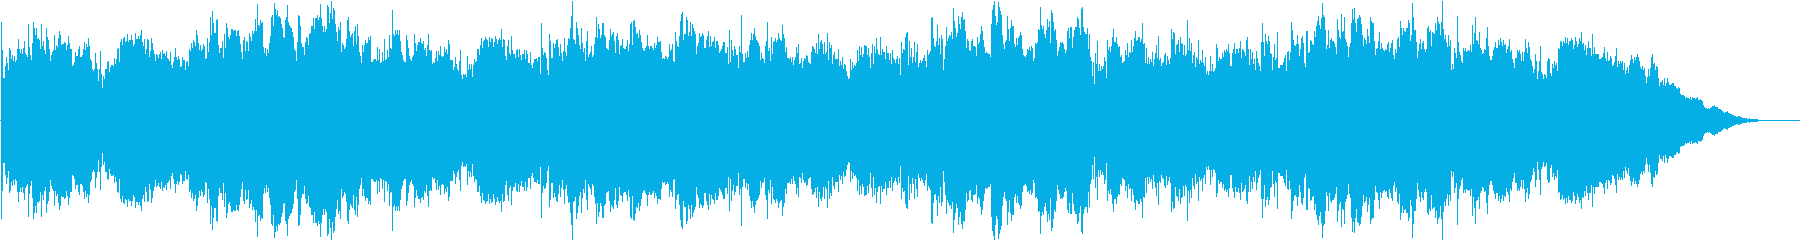 セーブ画面やセーフゾーンにおけるBGMの再生済みの波形